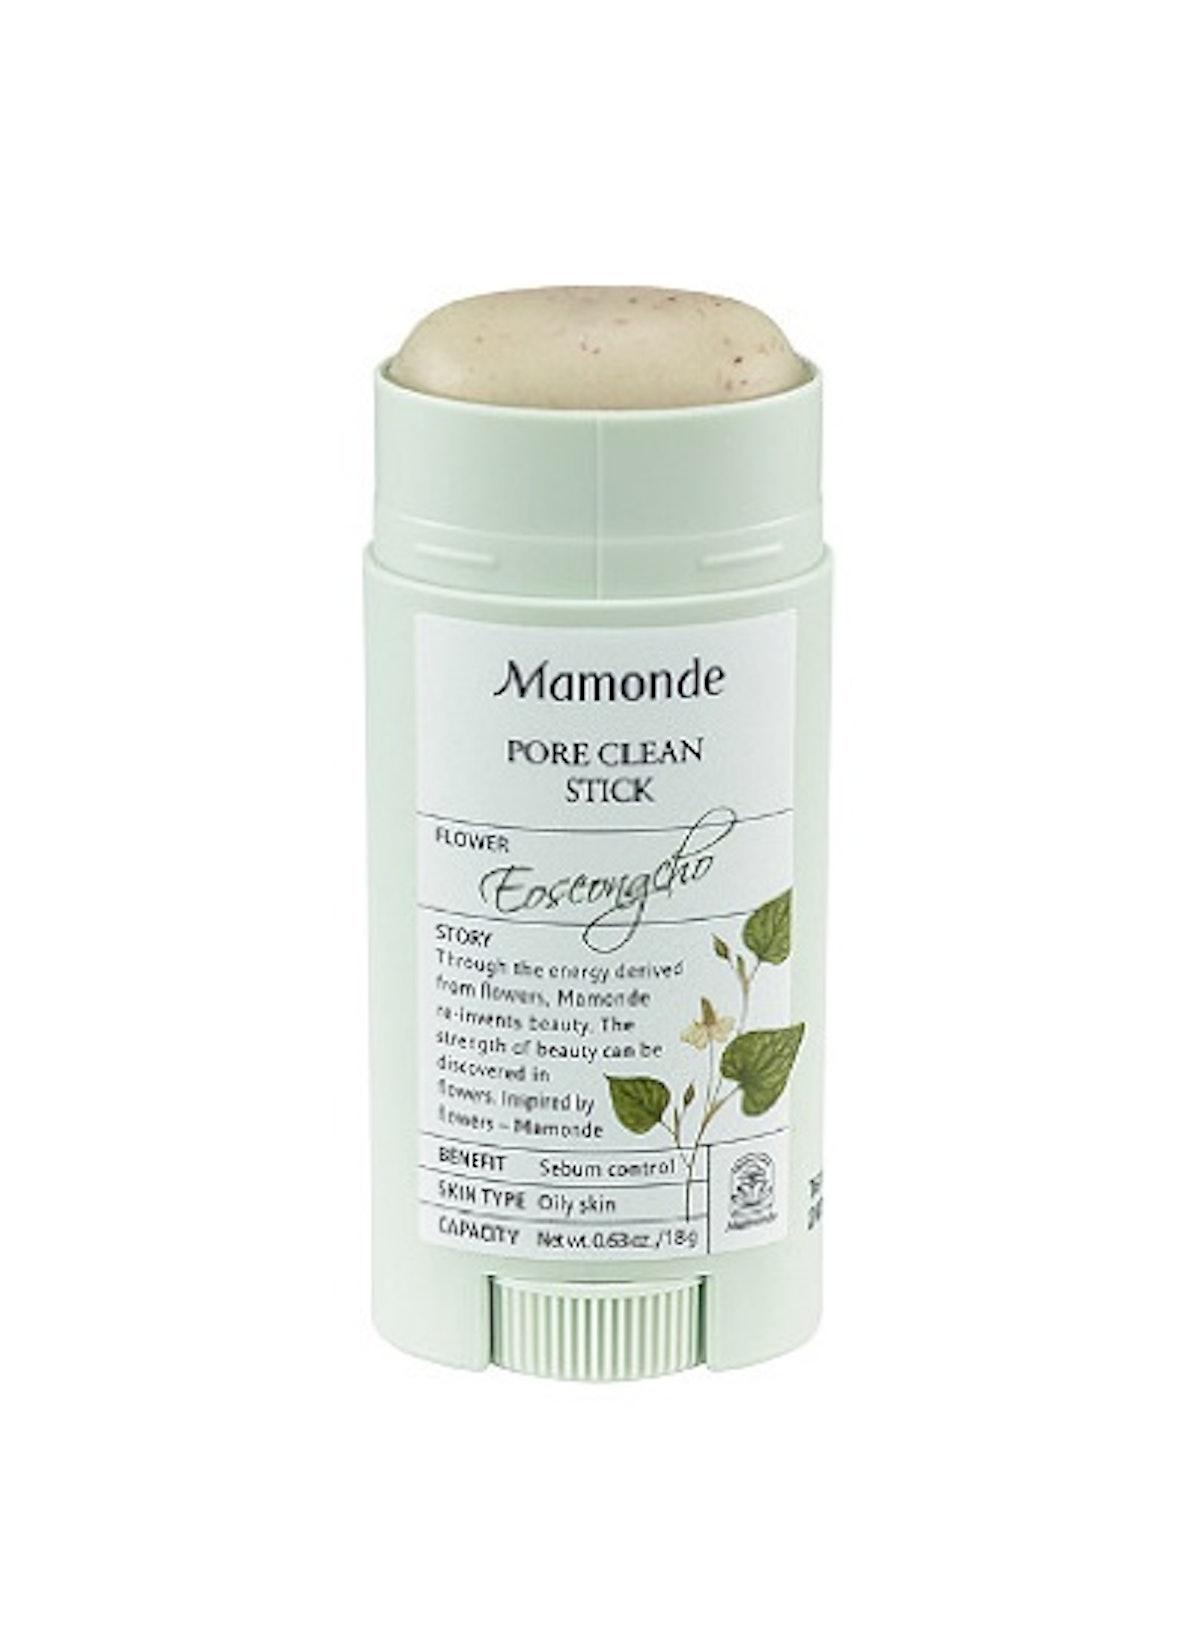 Mamonde Pore Clean Stick